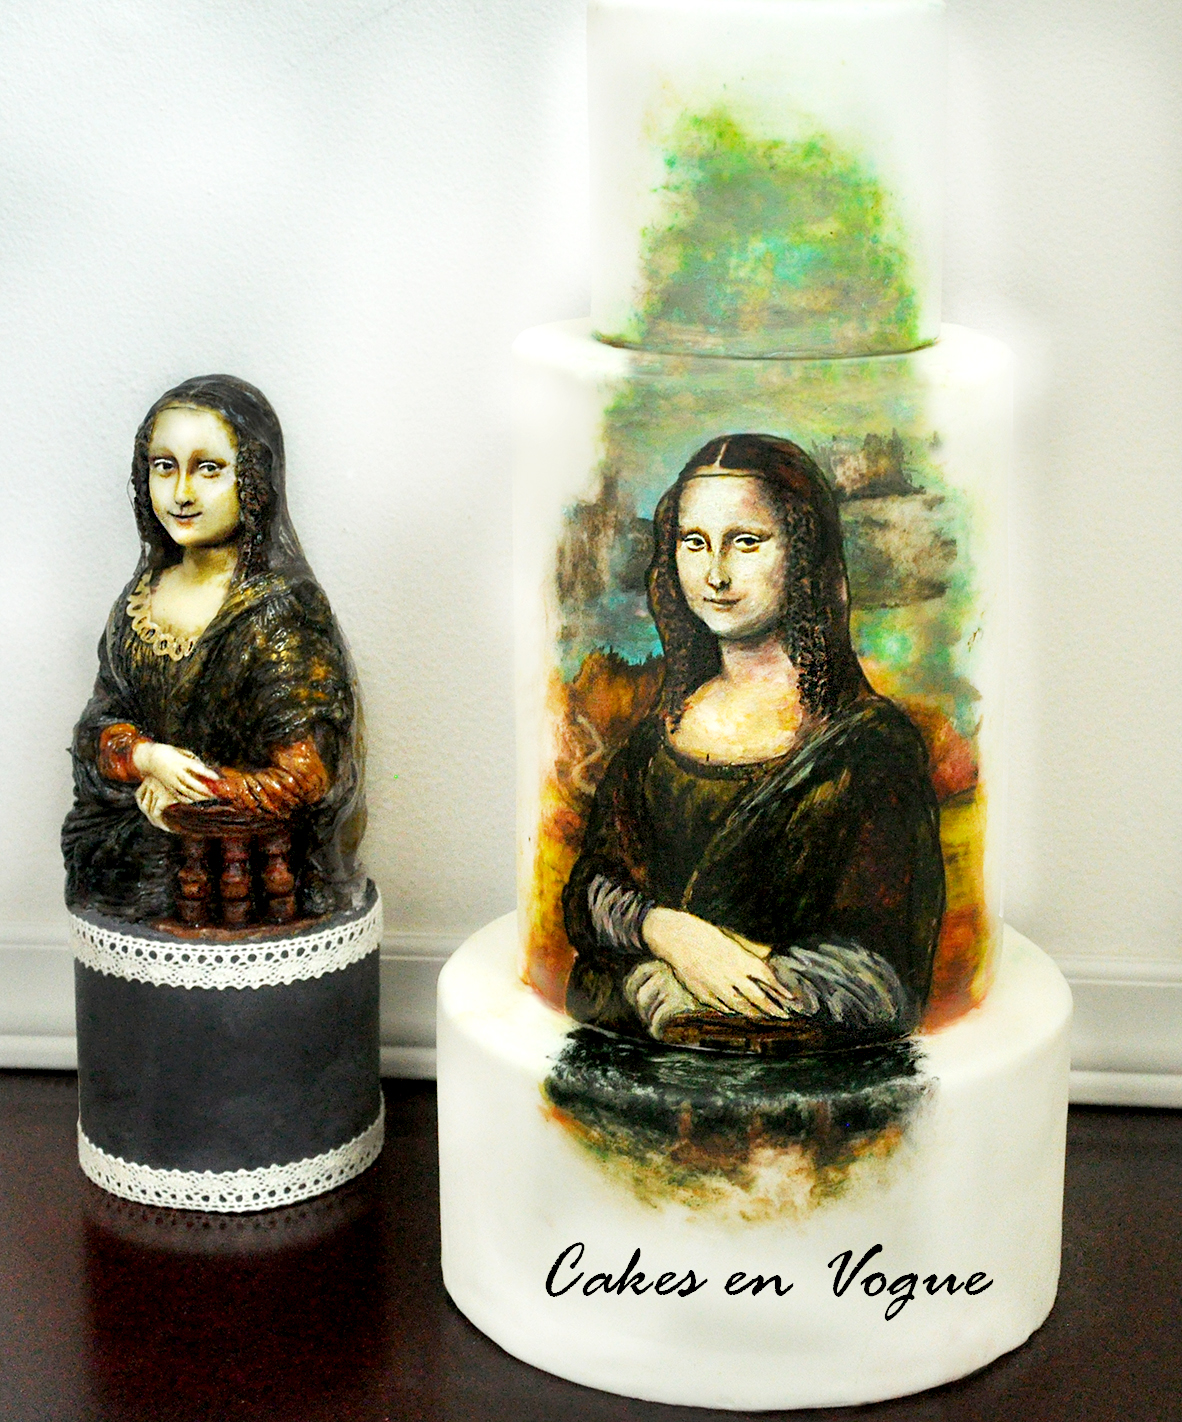 4.-Sherin-Rizwan_Cakes-en-Vogue_Mona-Lisa.jpg#asset:18149